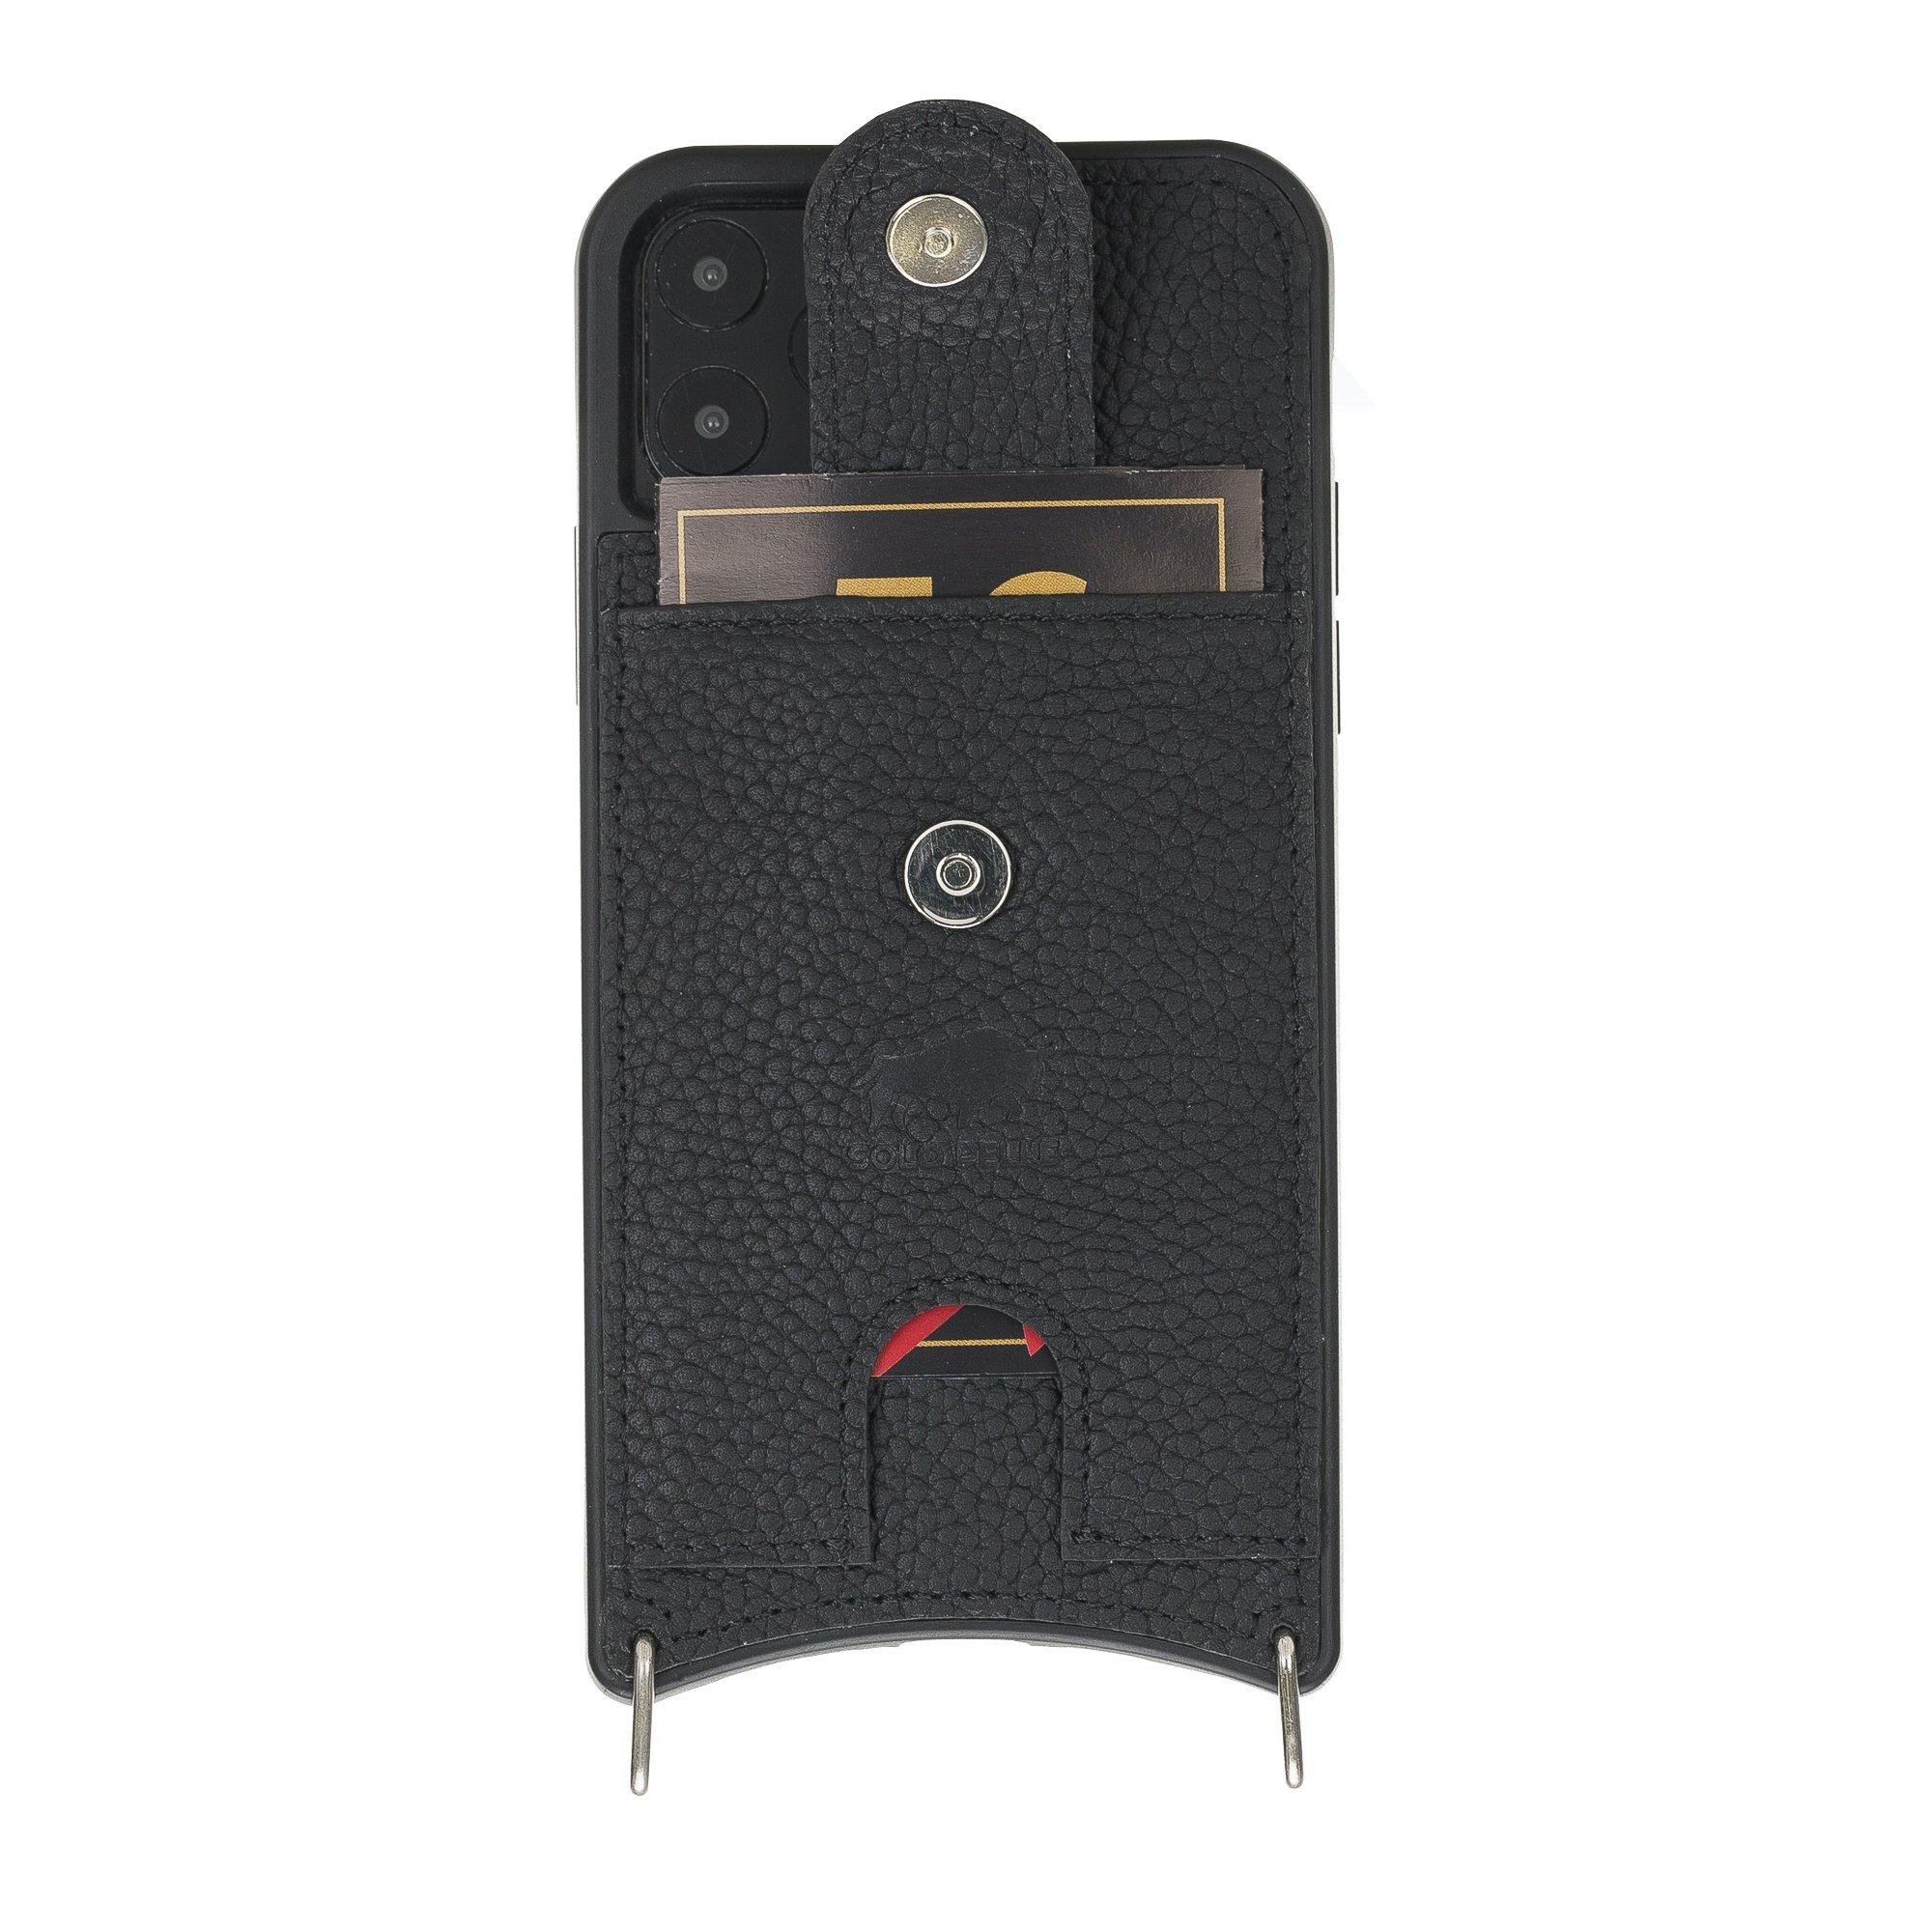 """Lederhülle """"Necklace"""" für das iPhone 11 Pro in 5.8 Zoll in Matt Schwarz (inkl.Umhängeriemen)"""